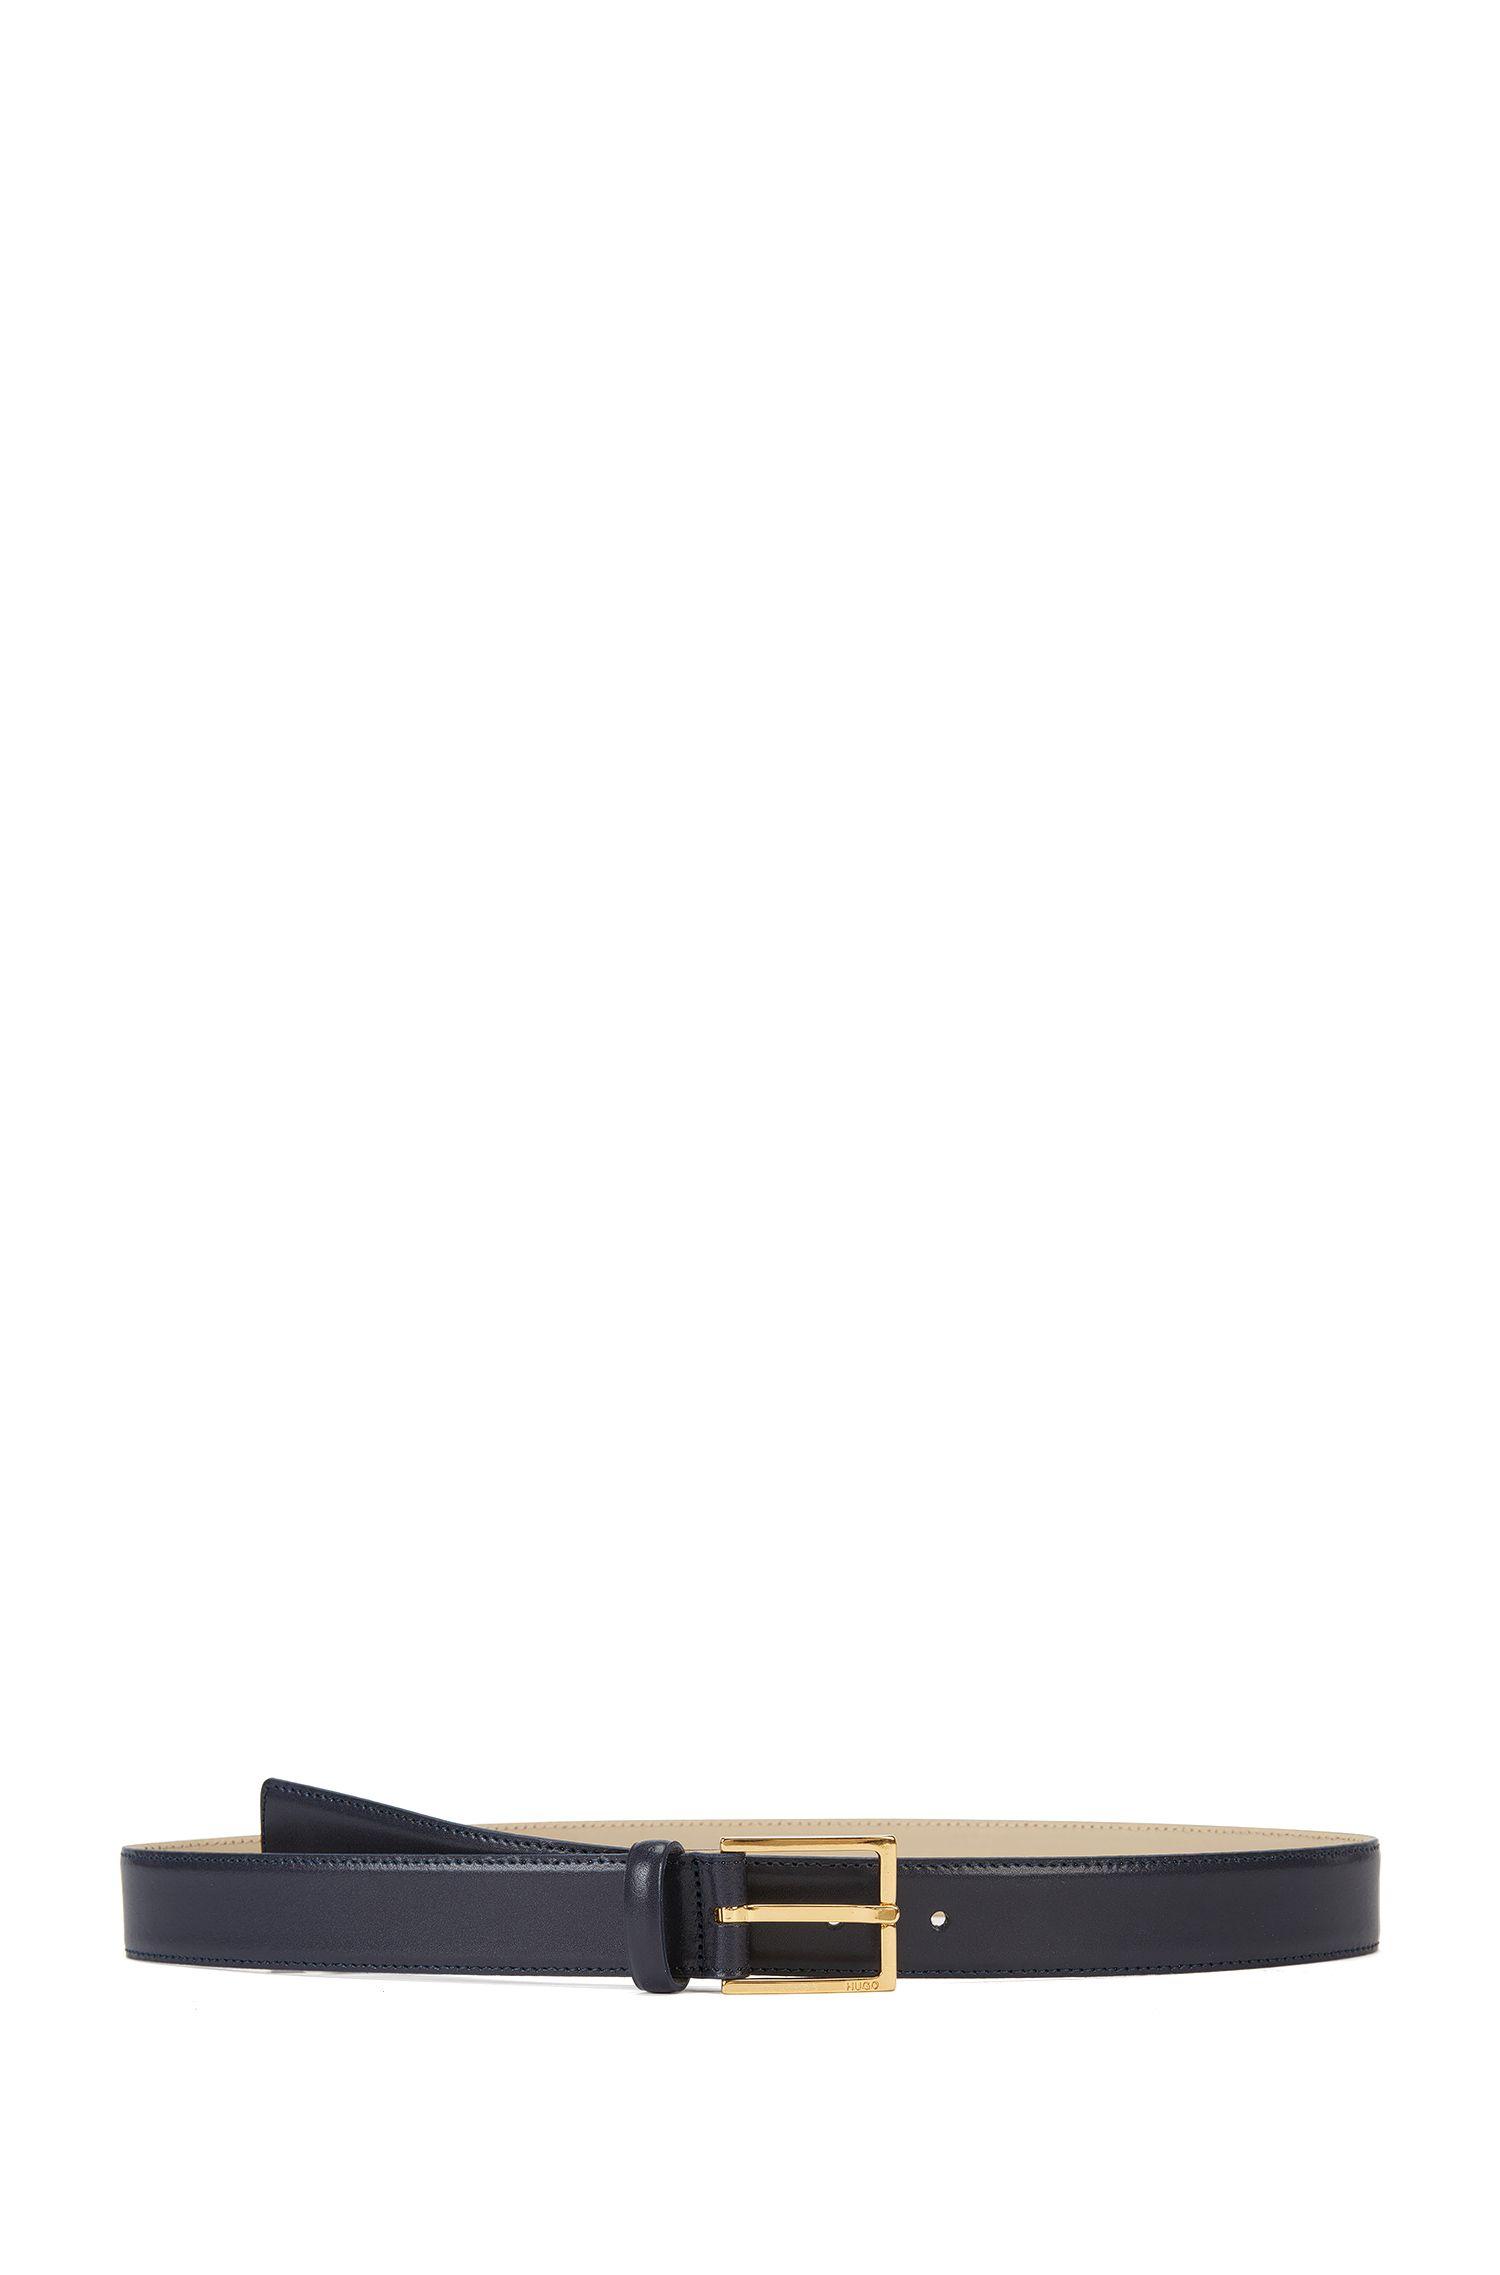 Cinturón business fabricado en Italia con piel lisa